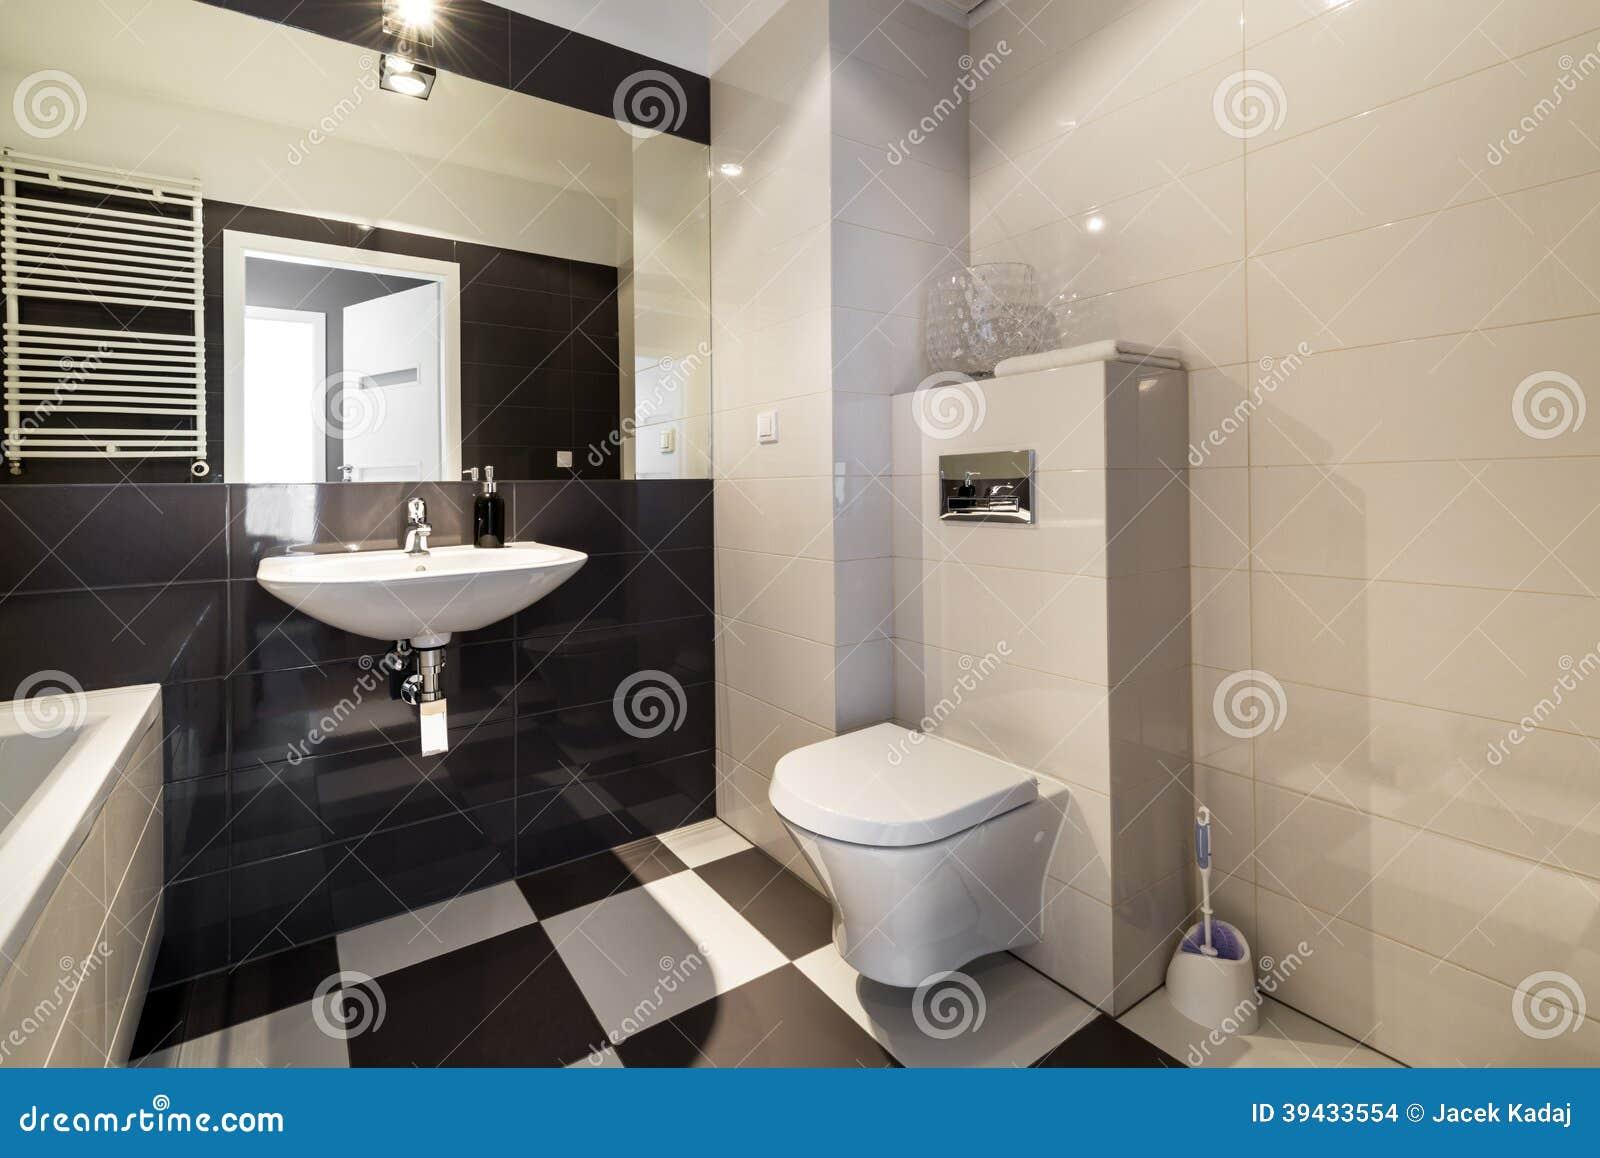 Bagno beige moderno design casa creativa e mobili ispiratori - Sanitari bagno beige ...